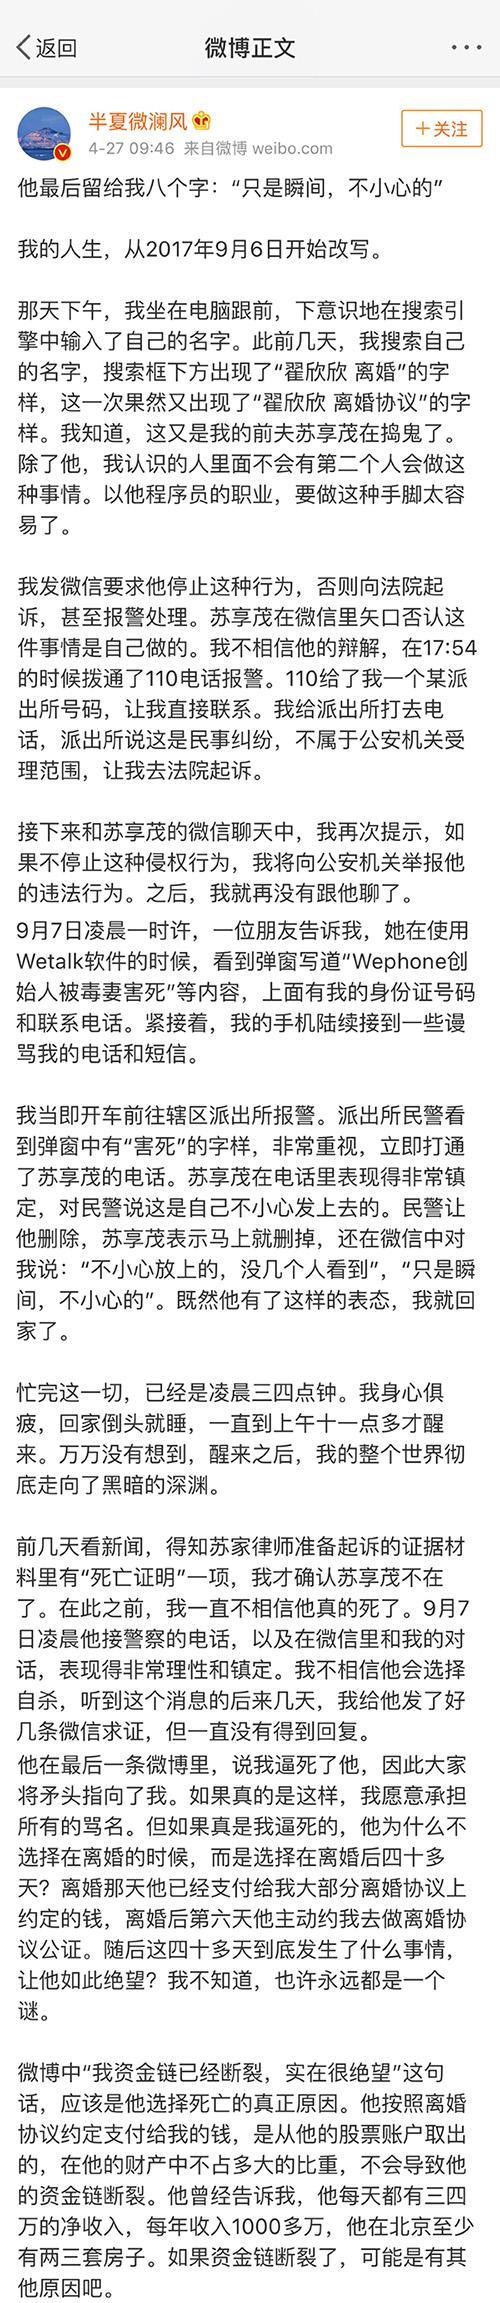 翟欣欣微博长文